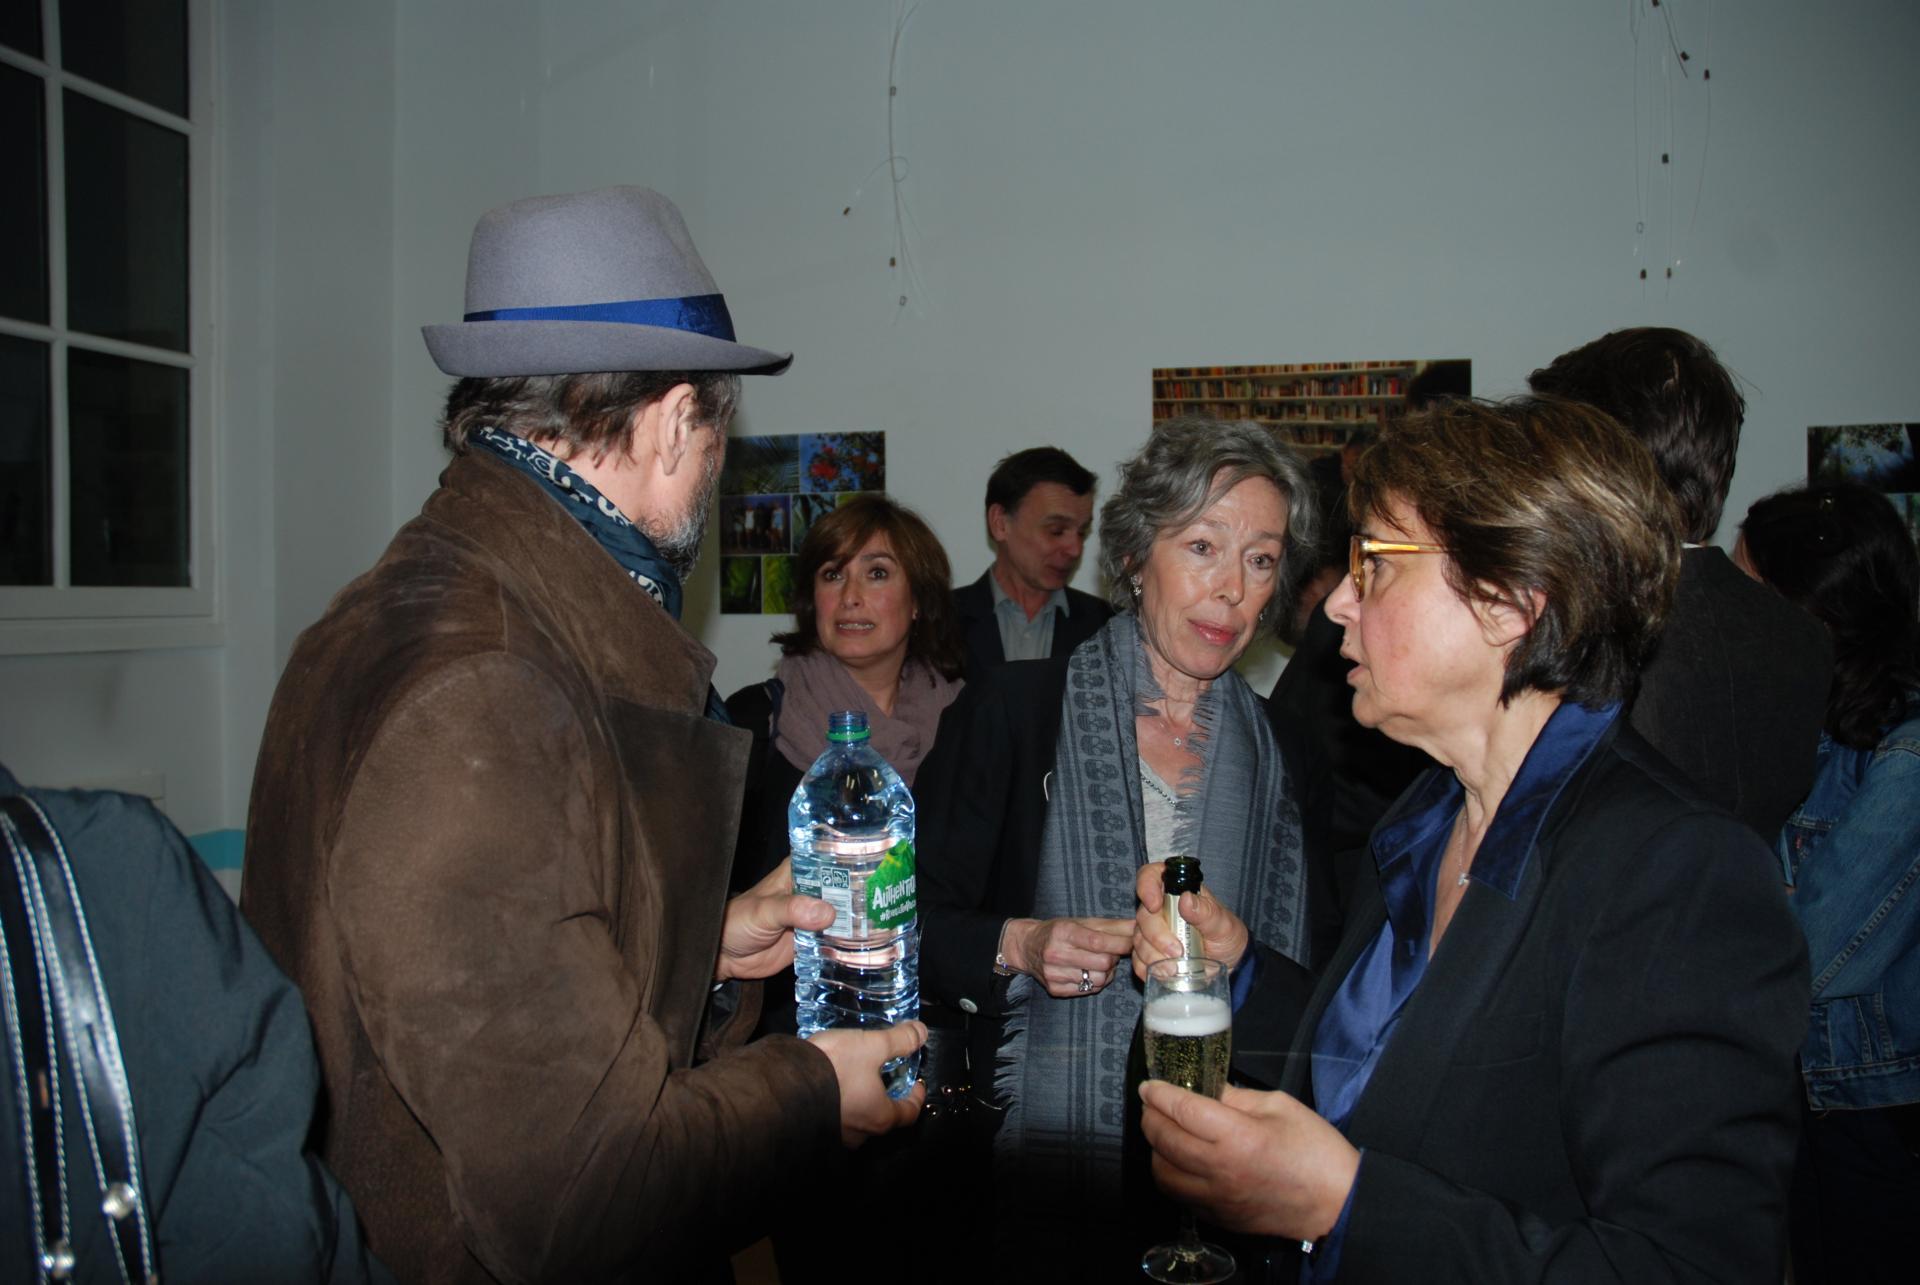 Béatrice, Françoise et Malka Braun en compagnie d'Alexandre Brasseur